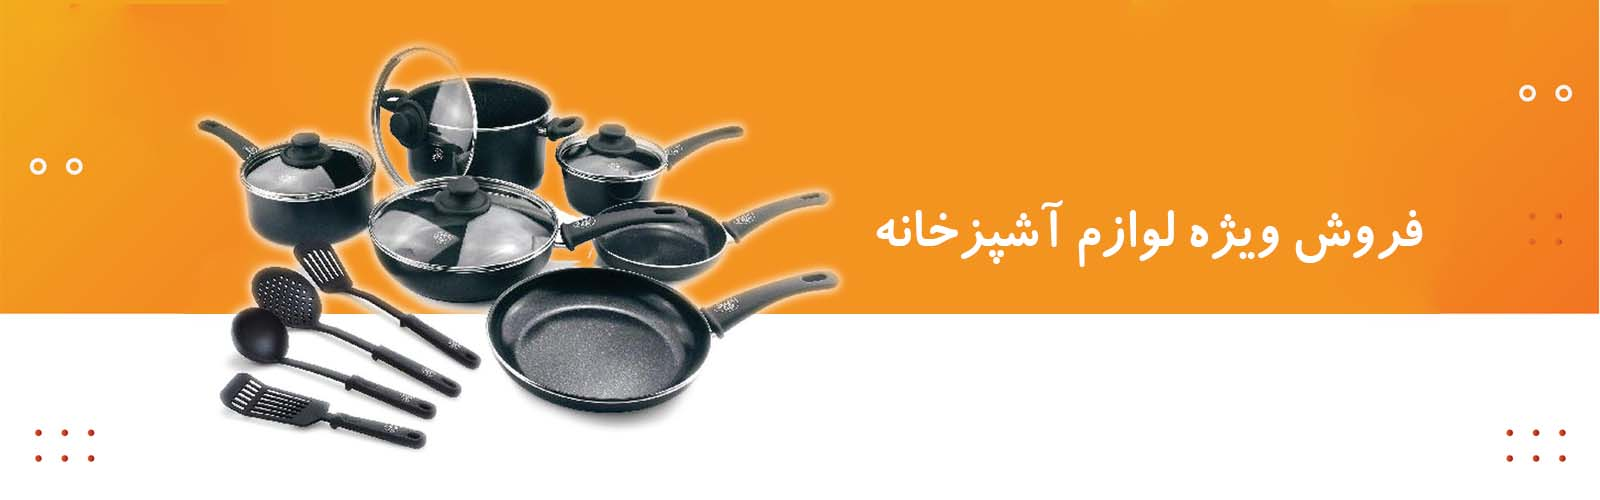 فروش ویژه لوازم آشپزخانه